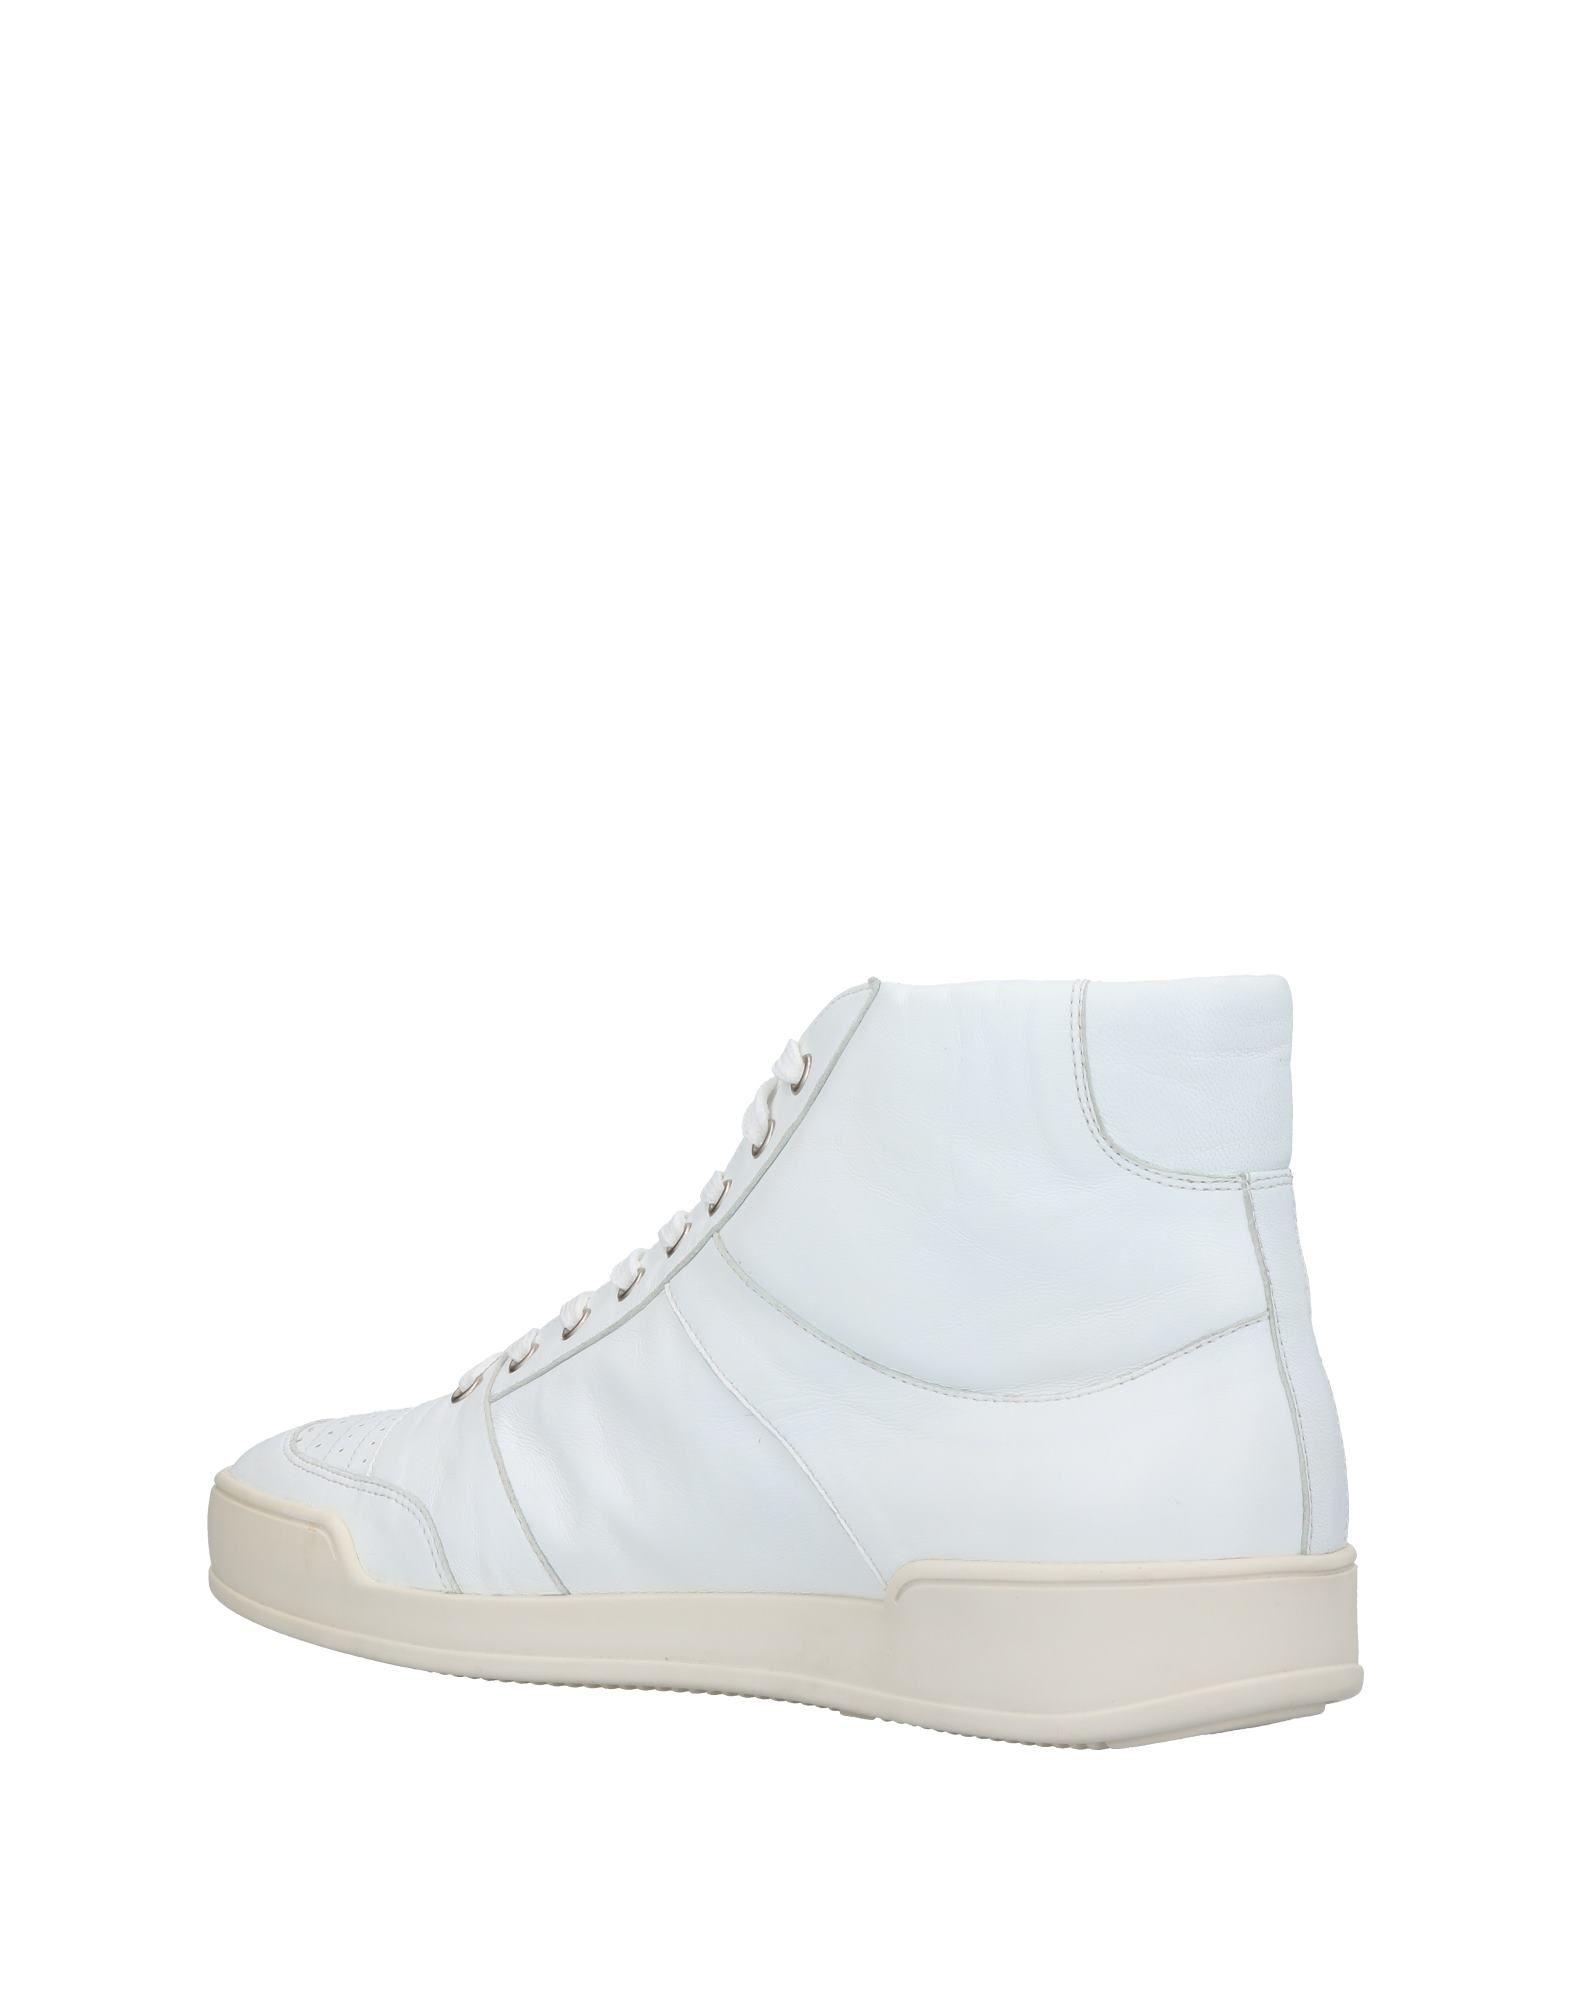 K.Him Sneakers Herren   11366978QM Heiße Schuhe 94a34d